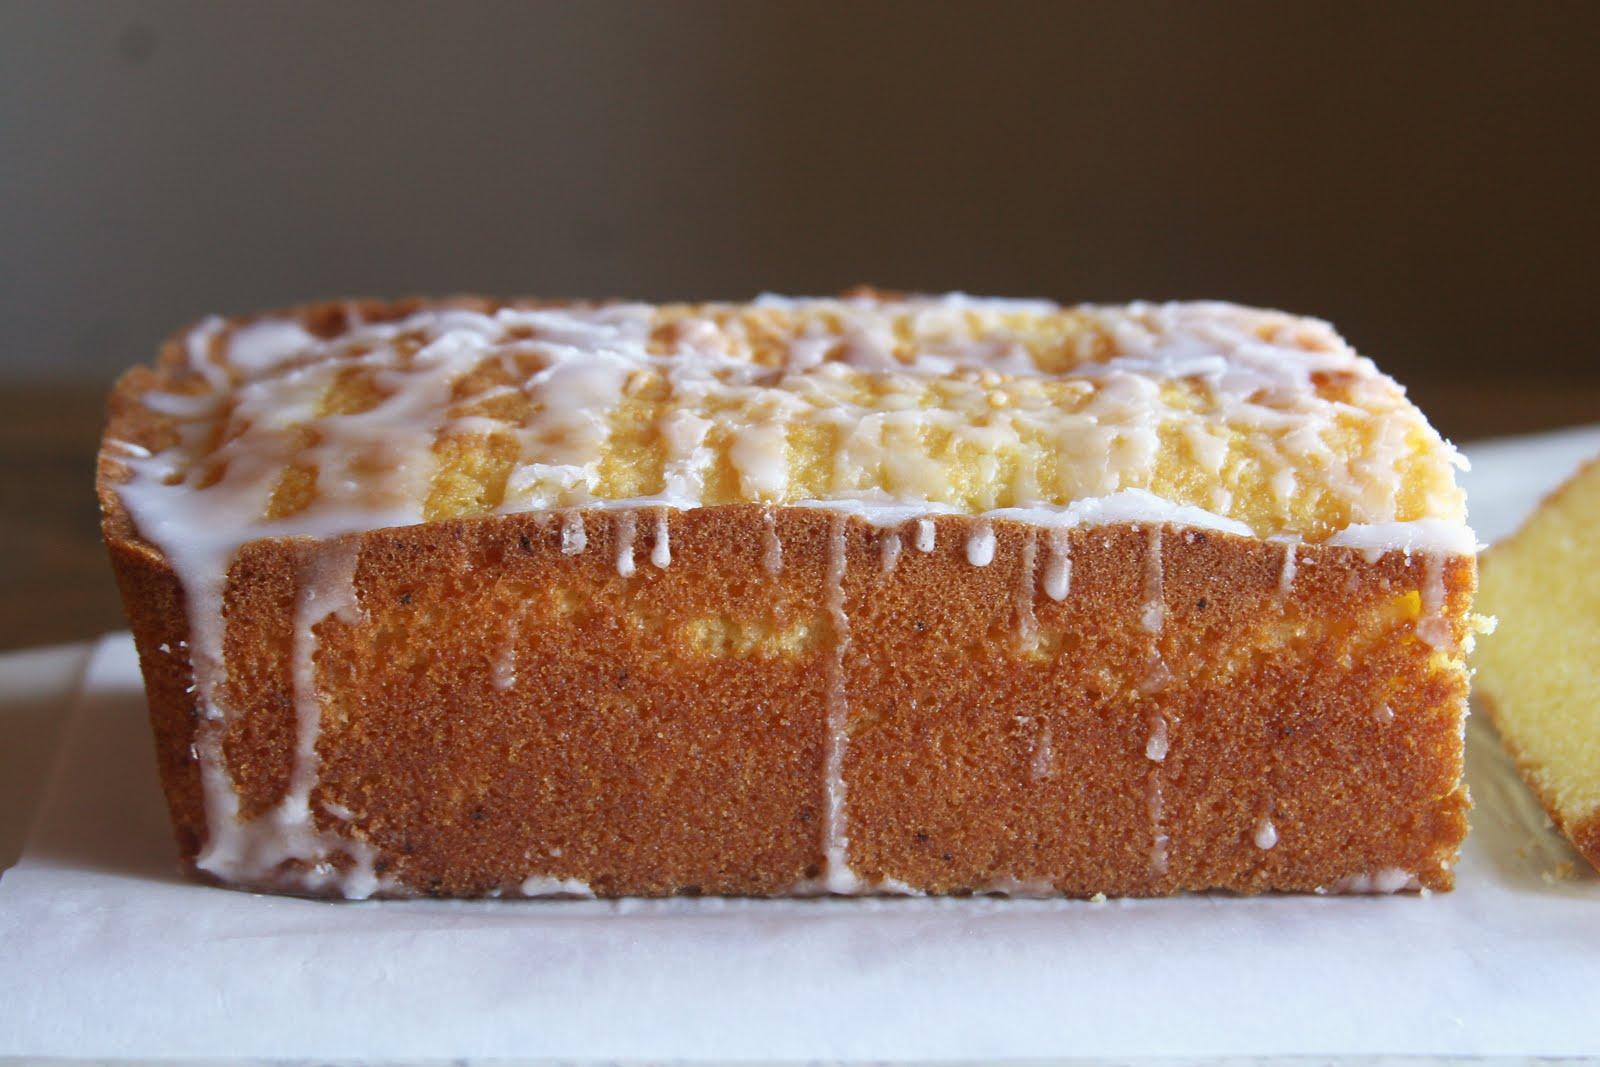 Loaf Cake Recipes Lemon: Espresso And CreamEspresso And Cream